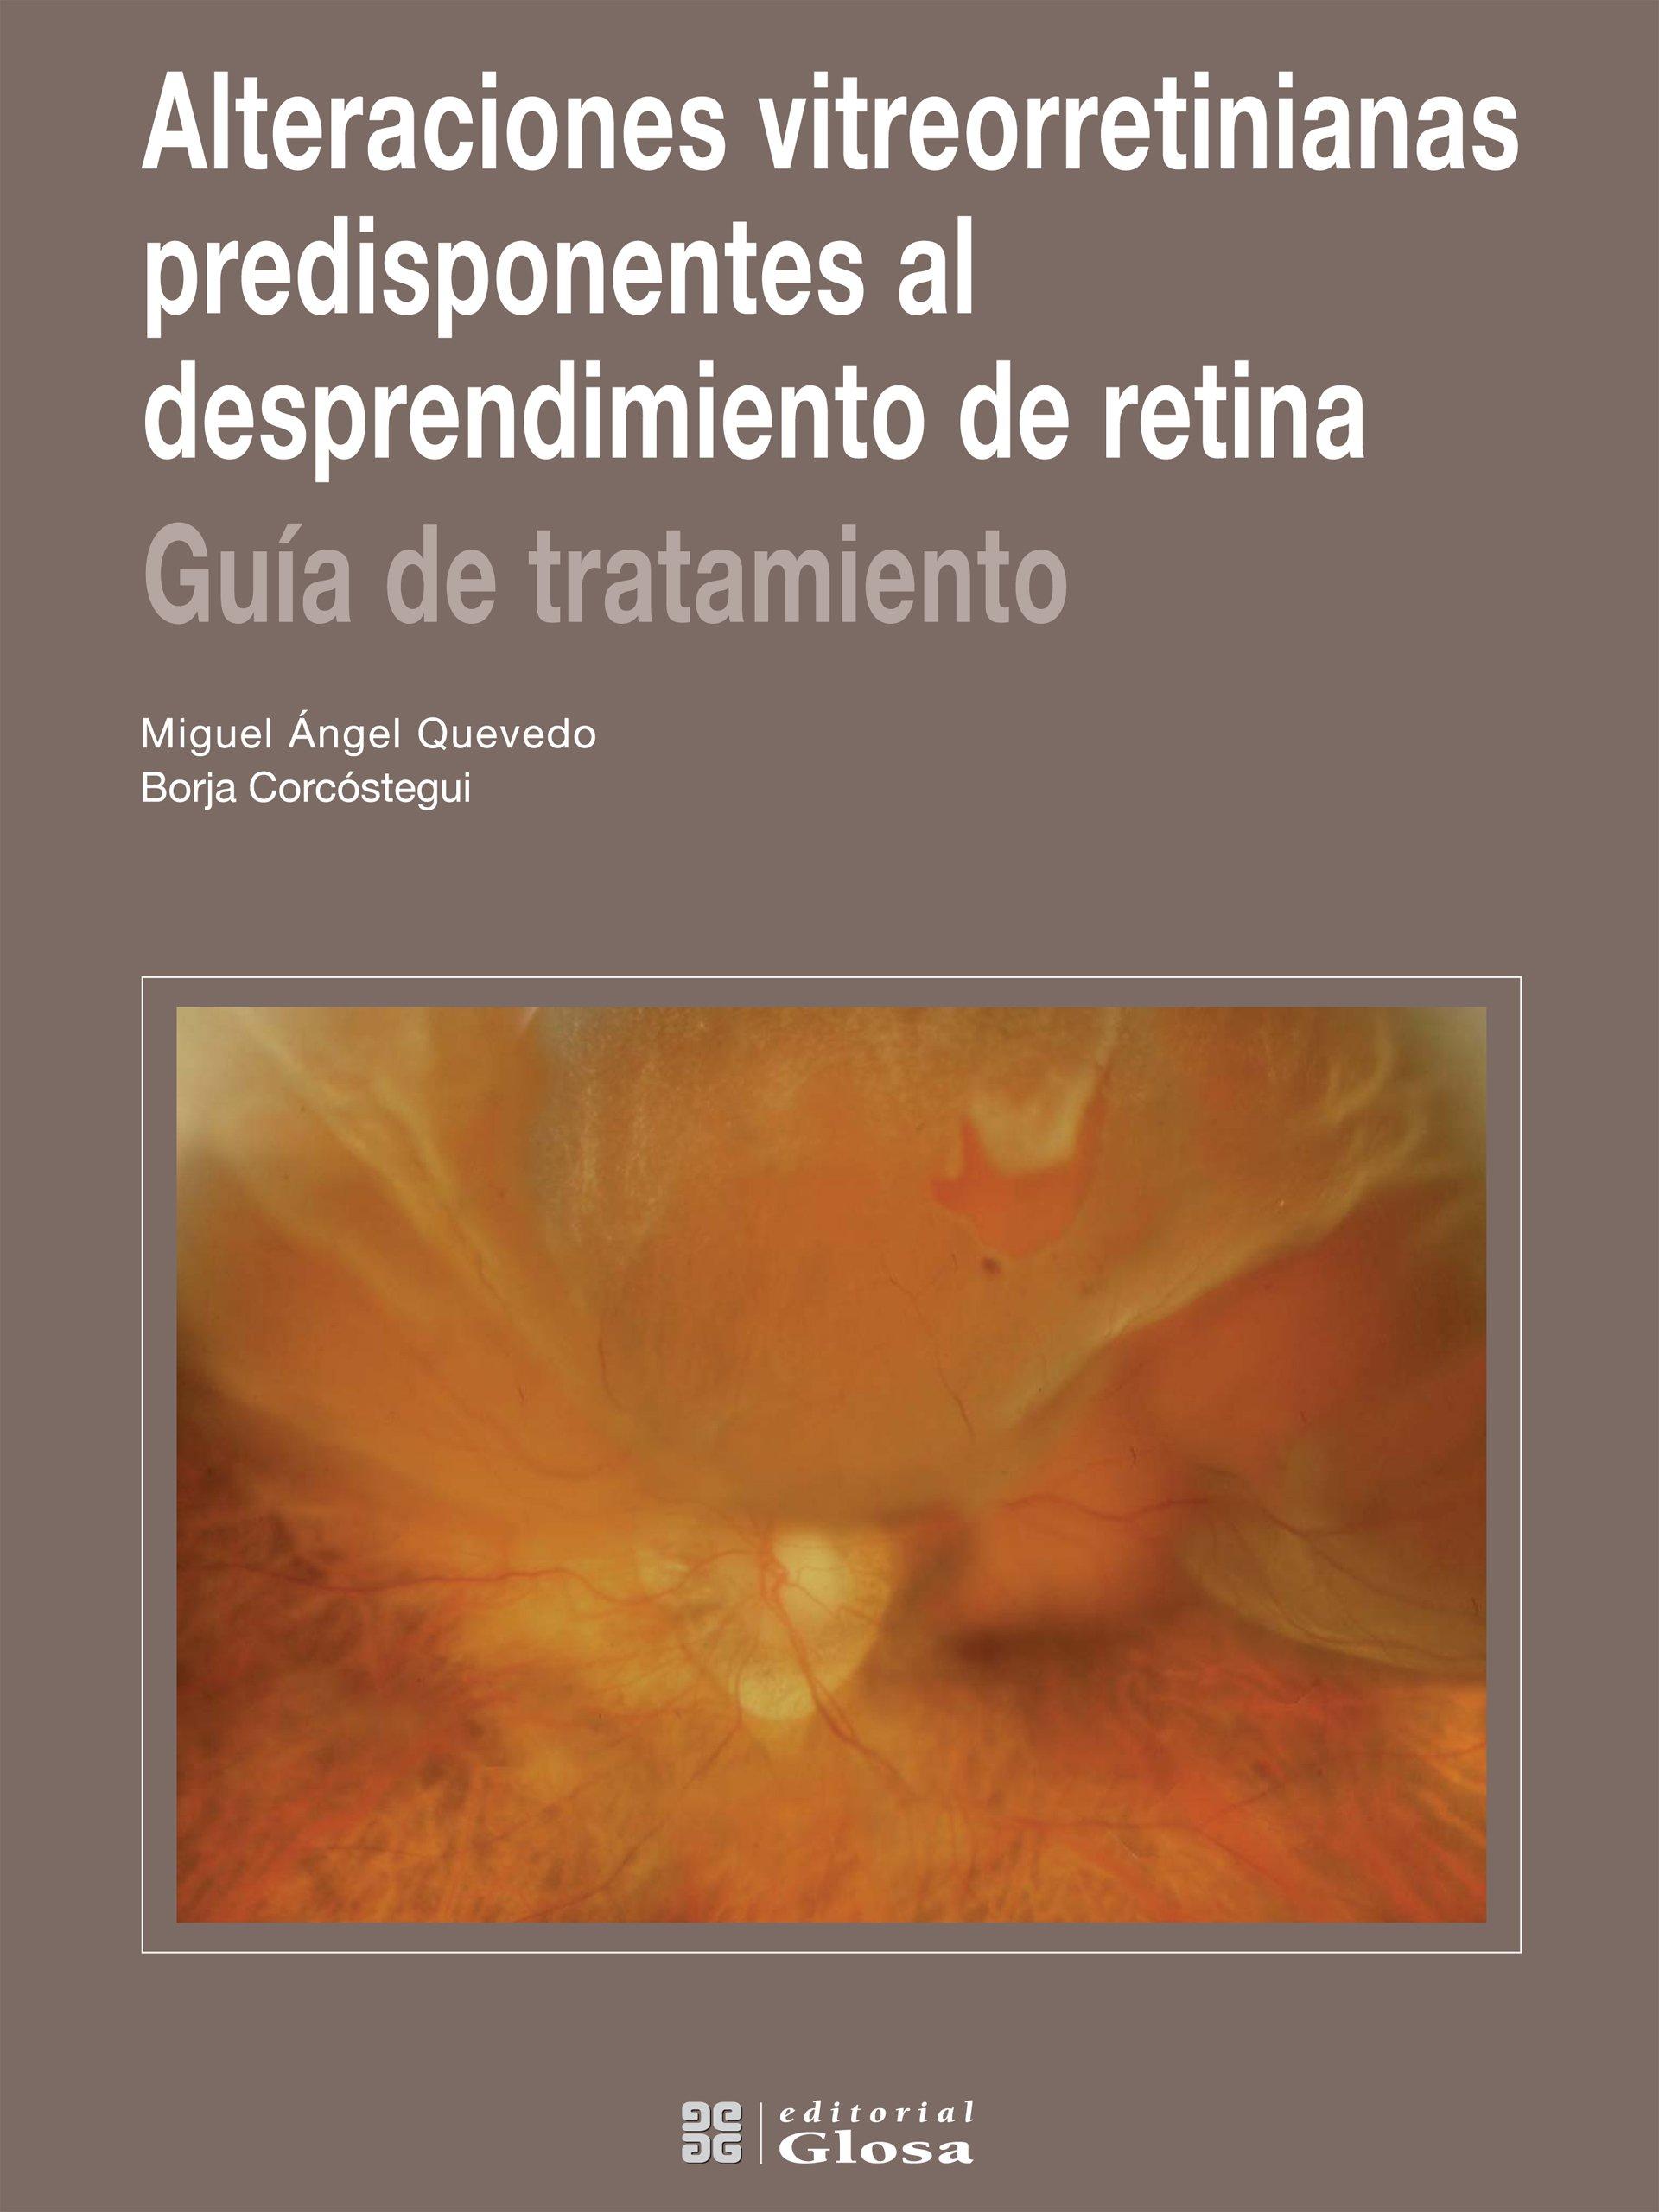 Alteraciones vitreorretinianas predisponentes al desprendimiento de retina. Guía de tratamiento (Spanish Edition) ebook